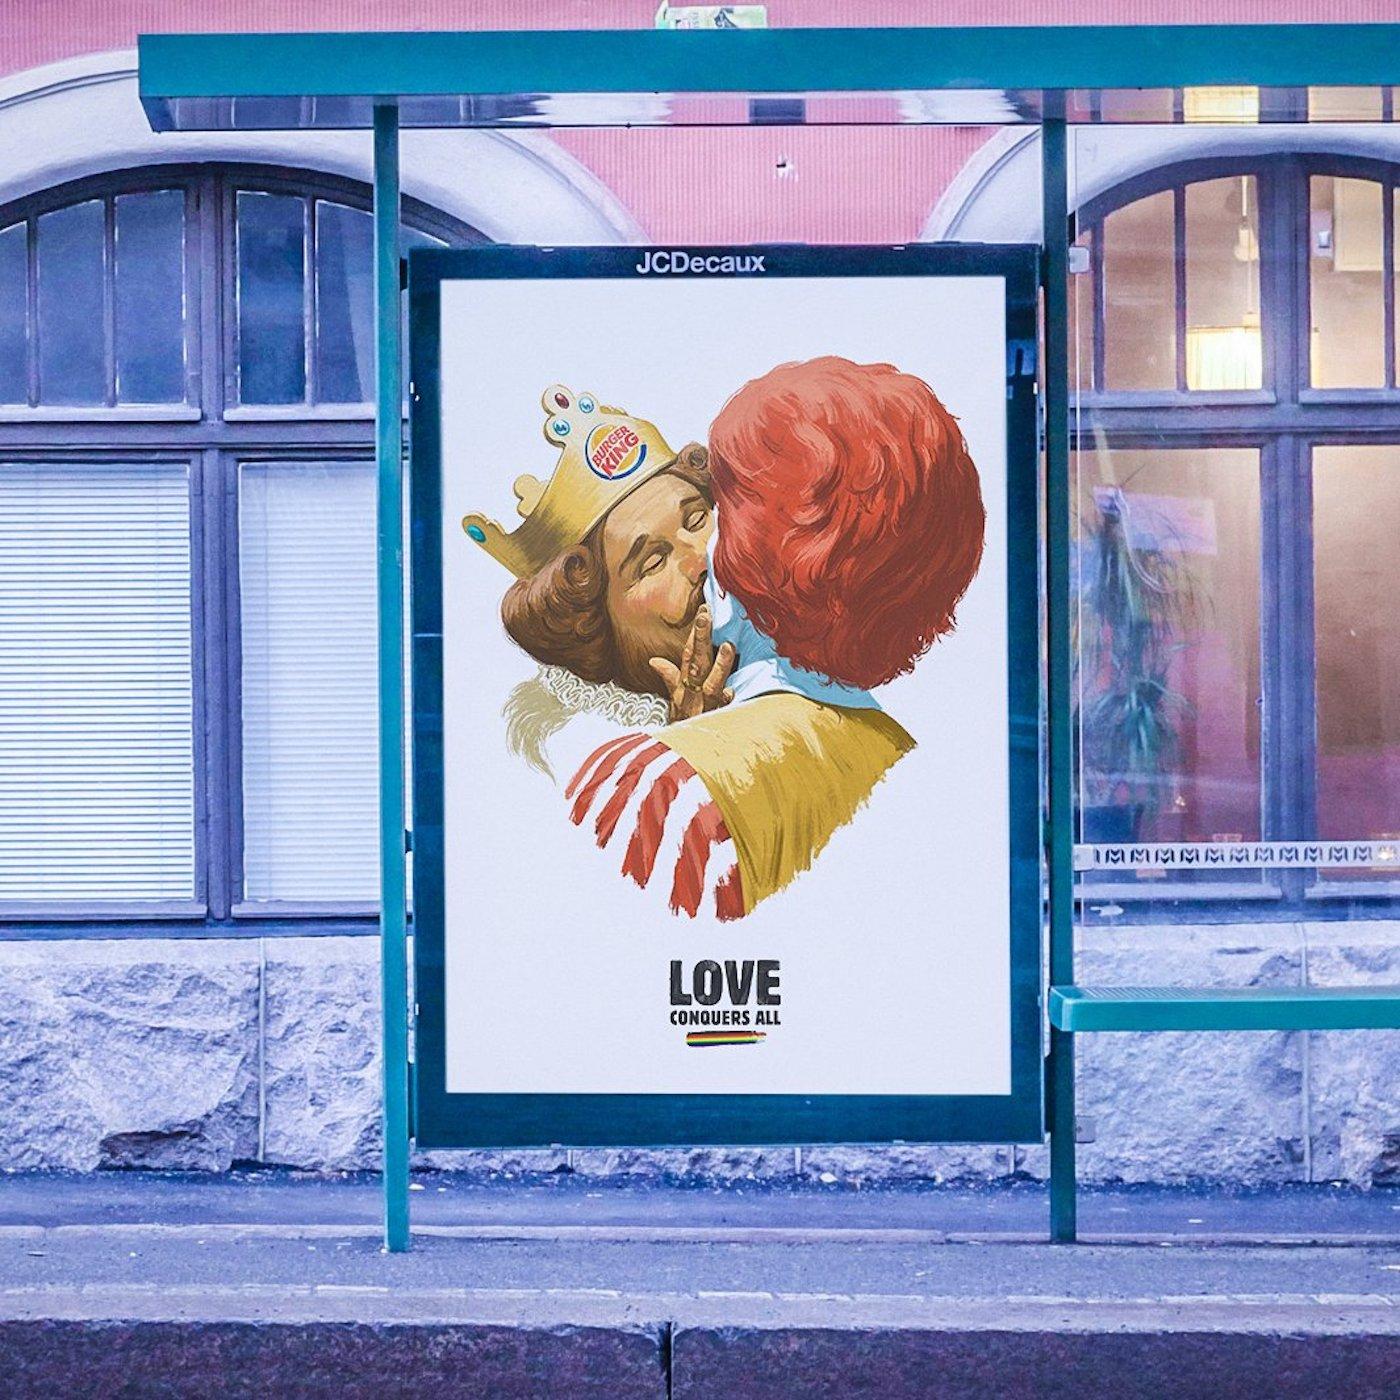 Burger King célèbre toutes les formes d'amour avec un petit clin d'oeil à McDonald's